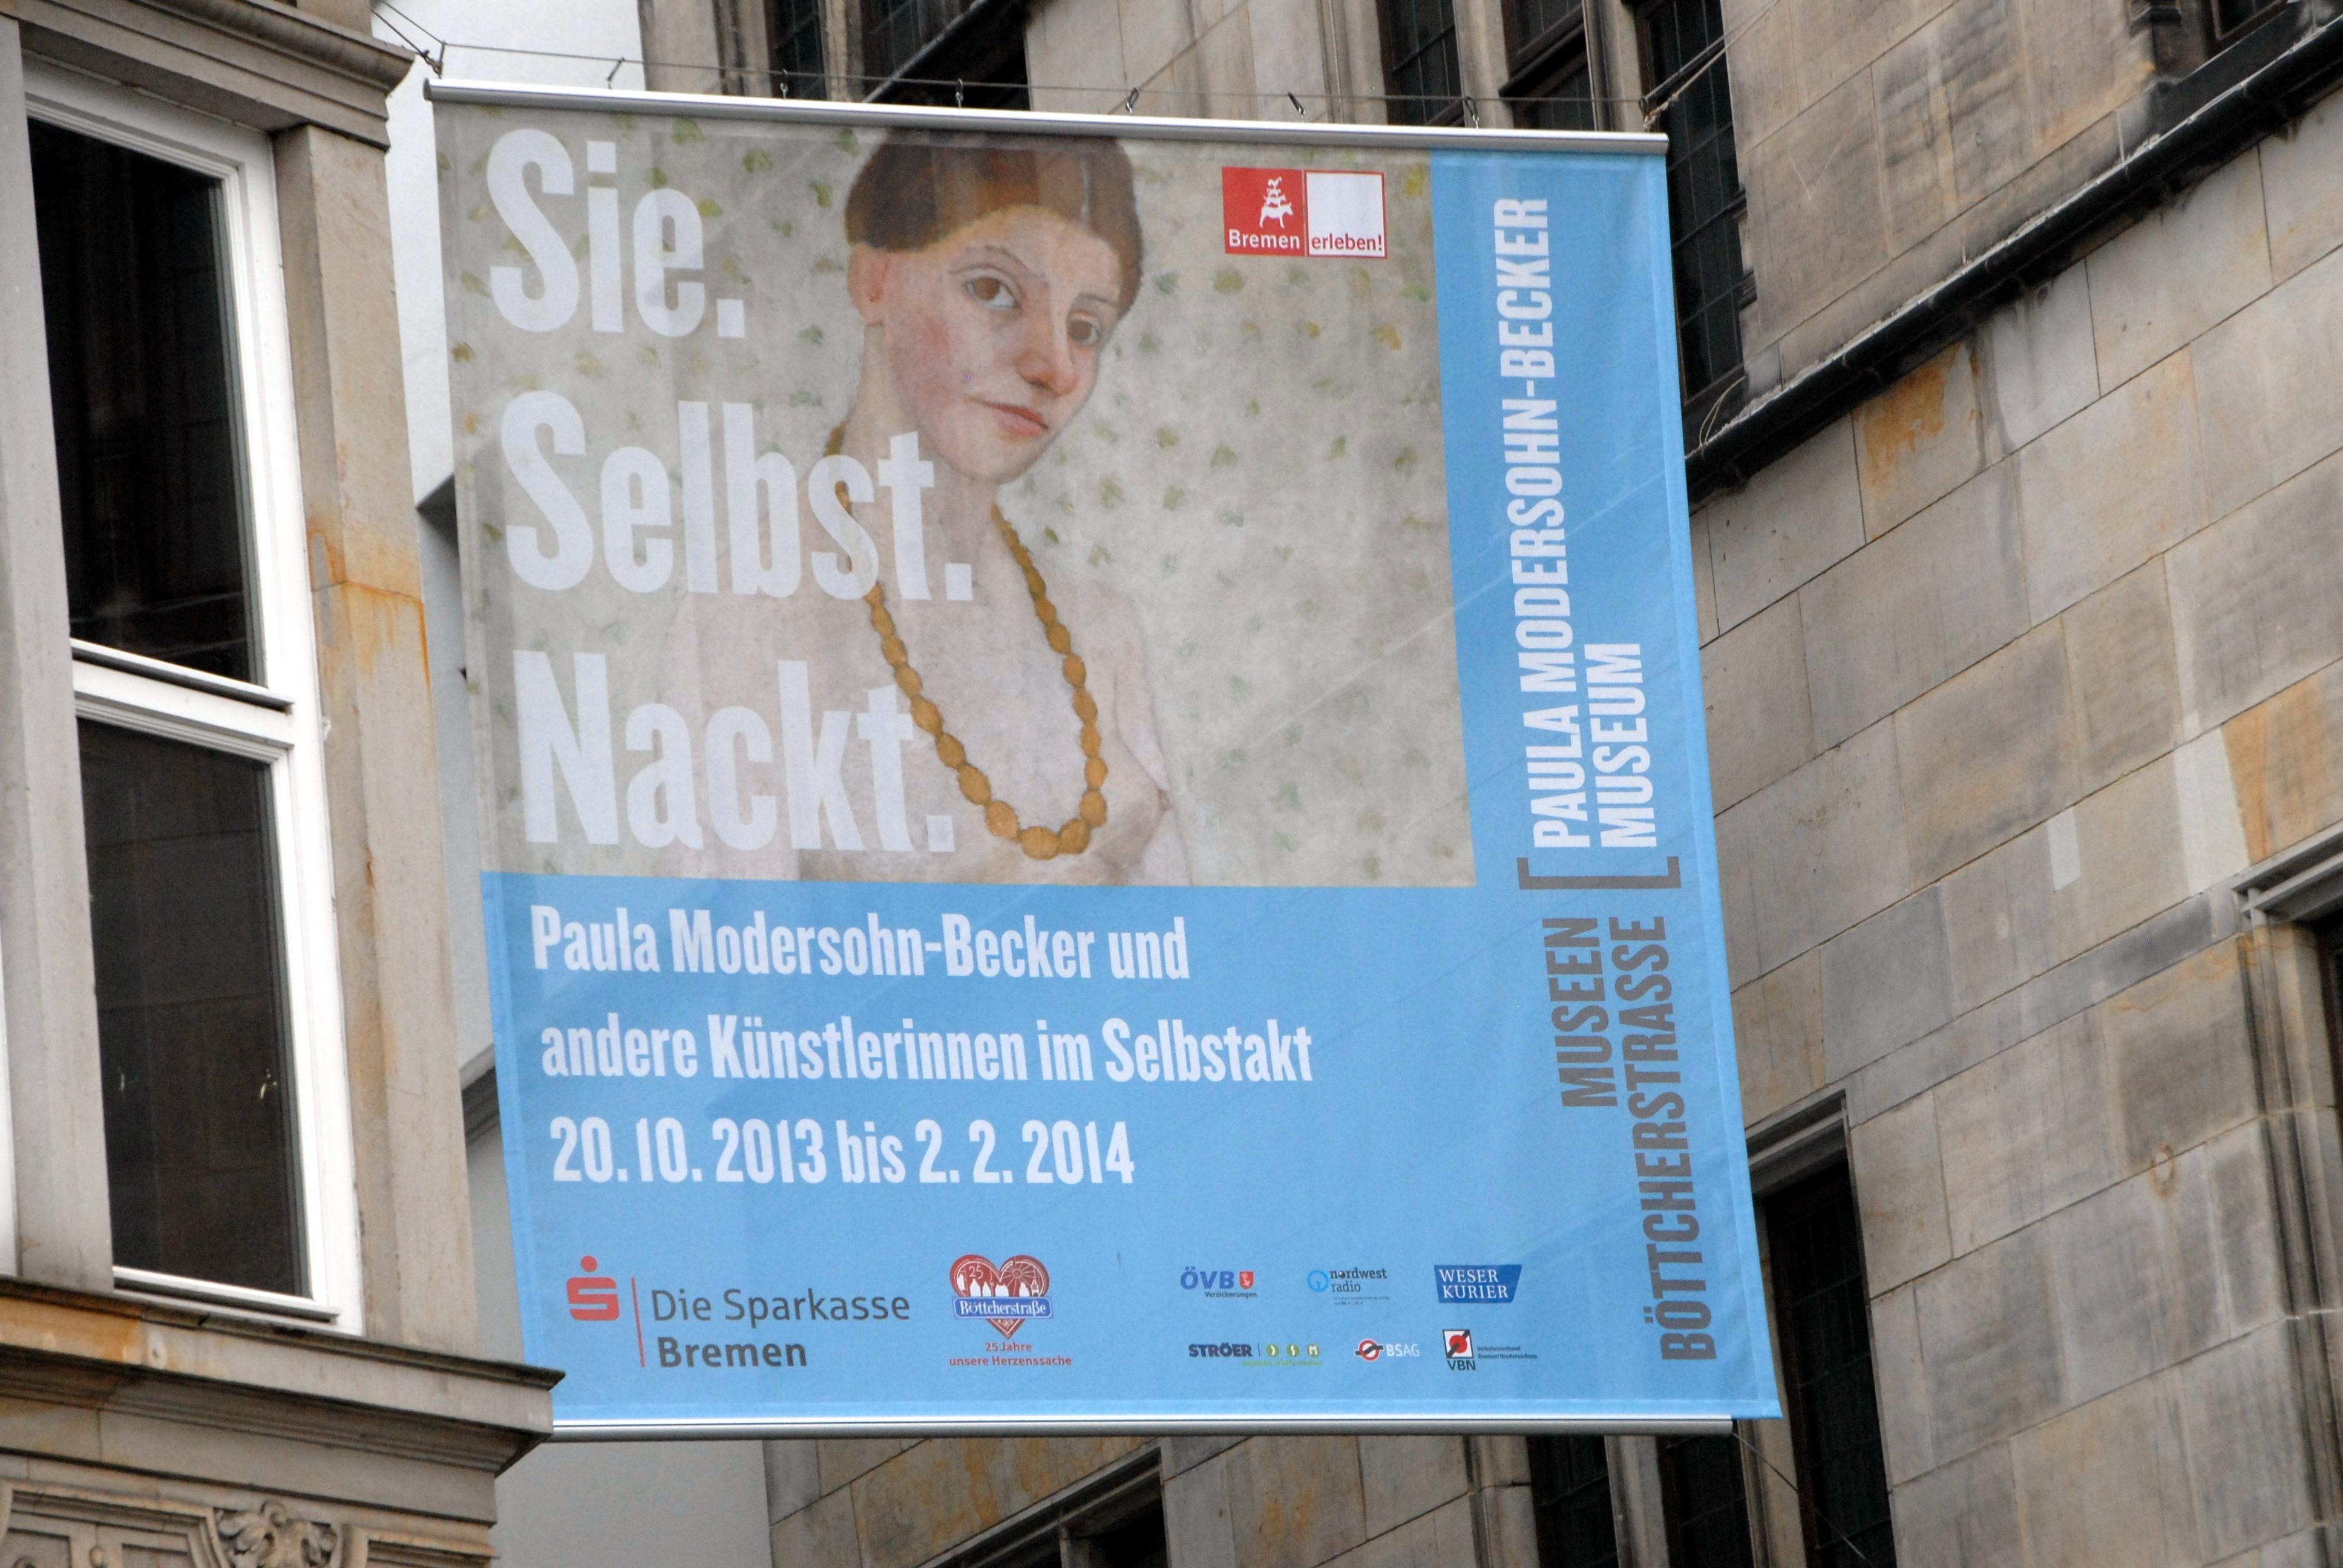 Werbe-Plakat für  Paula Modersohn-Becker-Museum , Marktplatz, Bremen, Deutschland, Europa, Reise, BB, DIG; P.-Nr.: 731/2013, 12.10.2013; (Photo by Peter Bischoff/Getty Images)